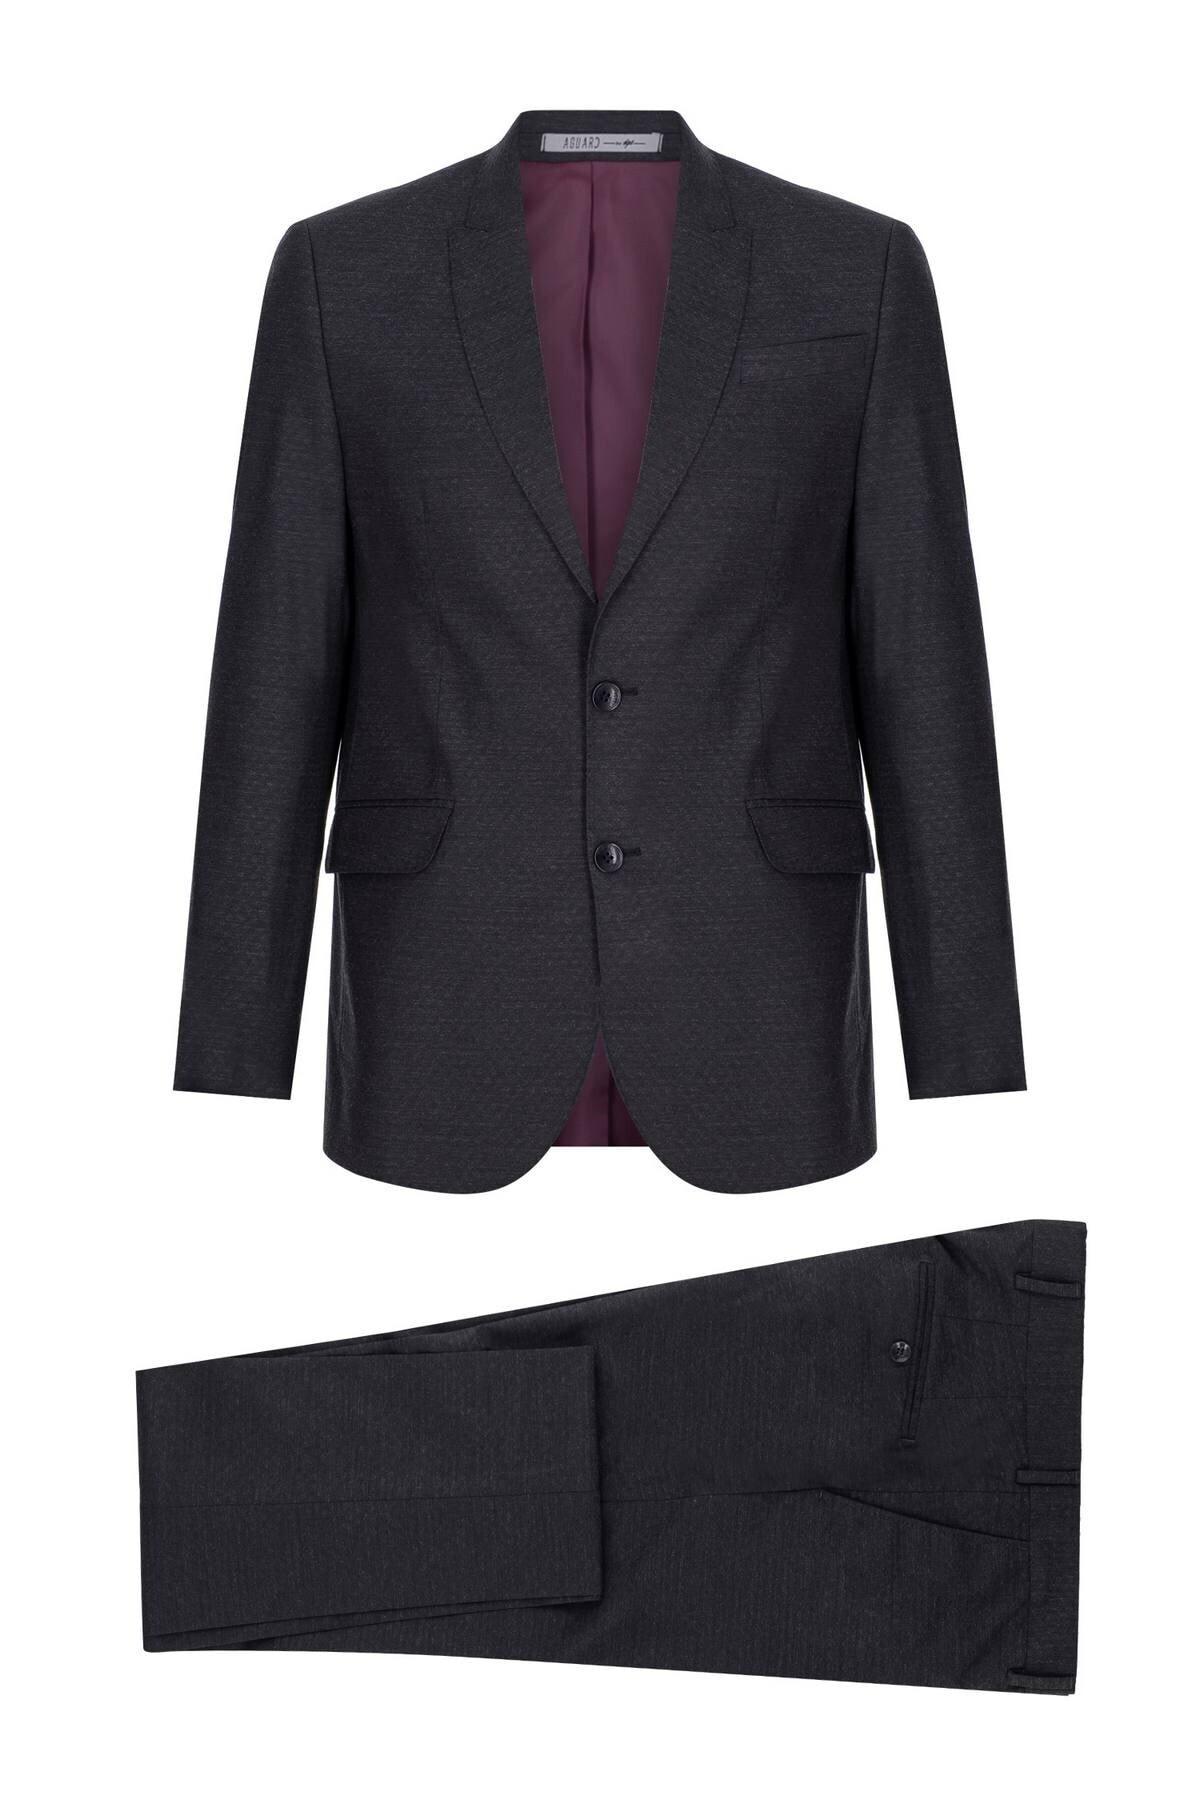 İgs Erkek Lacivert Slım Fıt / Dar Kalıp Ince Kırlangıç Takım Elbise 1